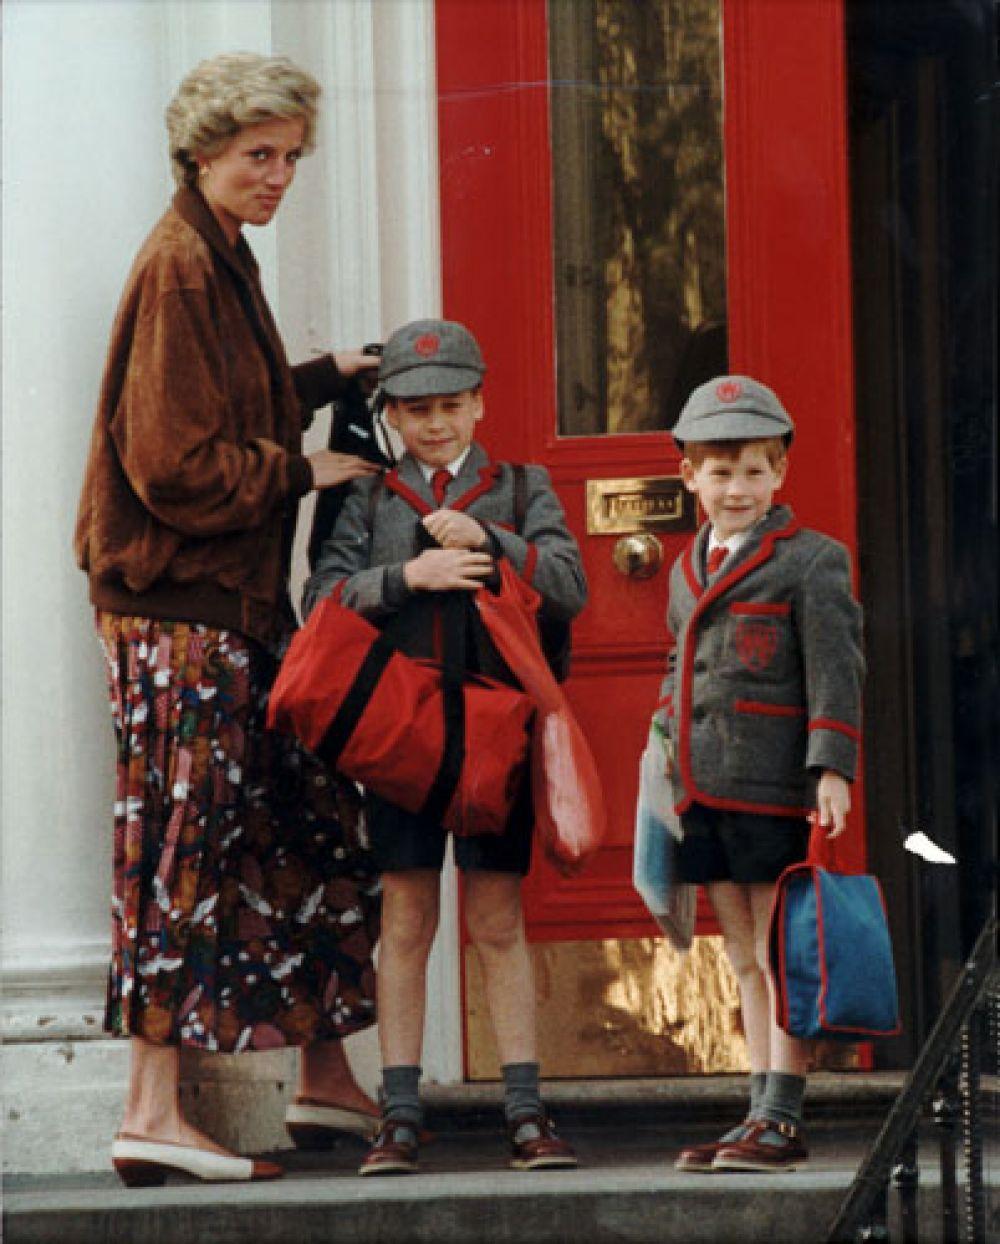 25 апреля 1990 года. Принцесса Диана ведёт своих сыновей Уильяма и Гарри в школу «Уэзерби» в Ноттинг-Хилл-Гейт.